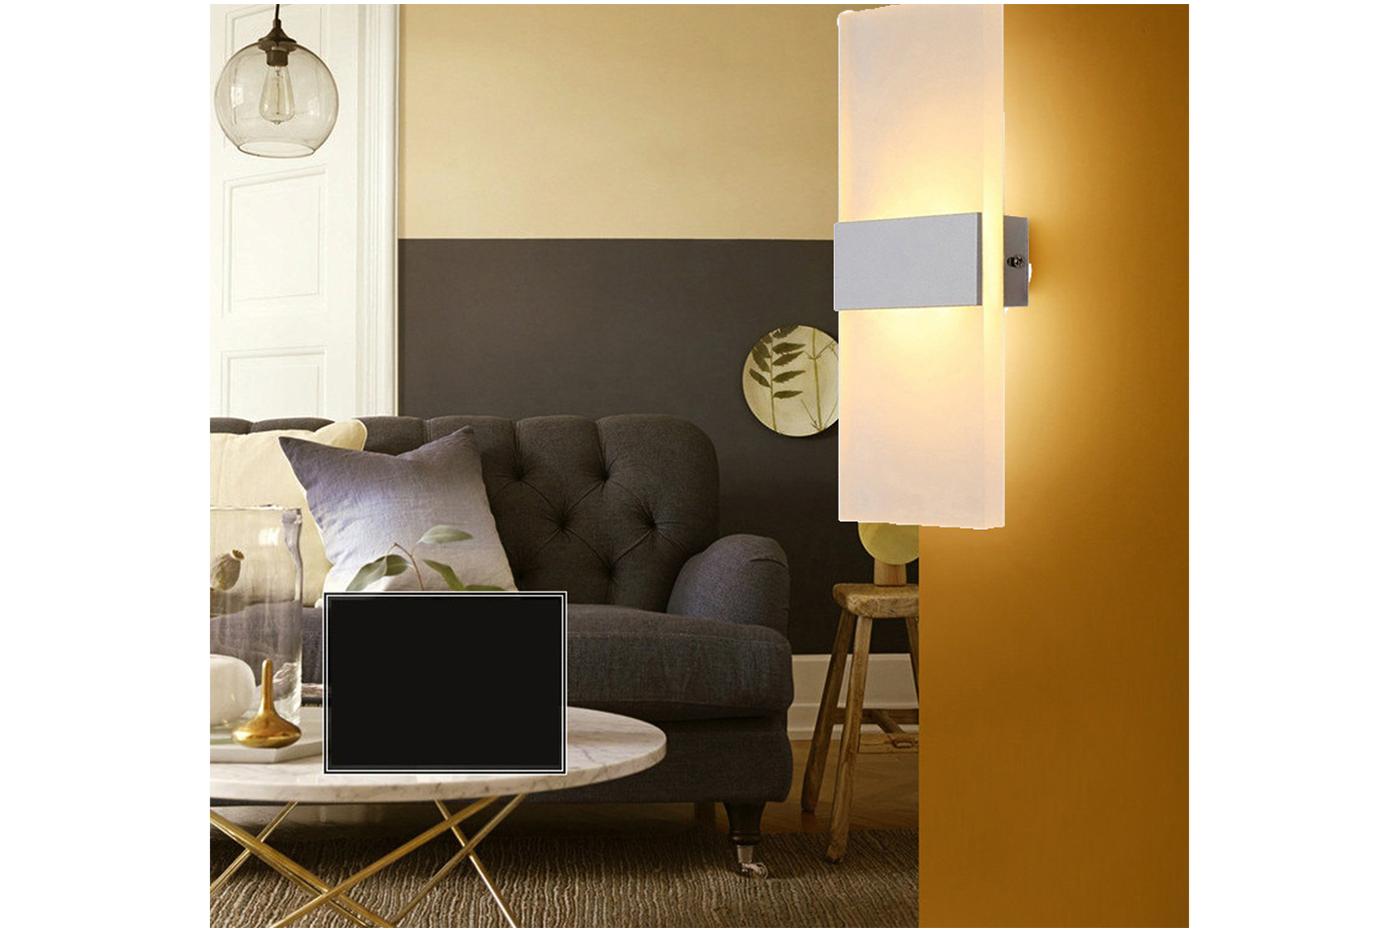 Camera da letto applique per camera da letto moderne applique